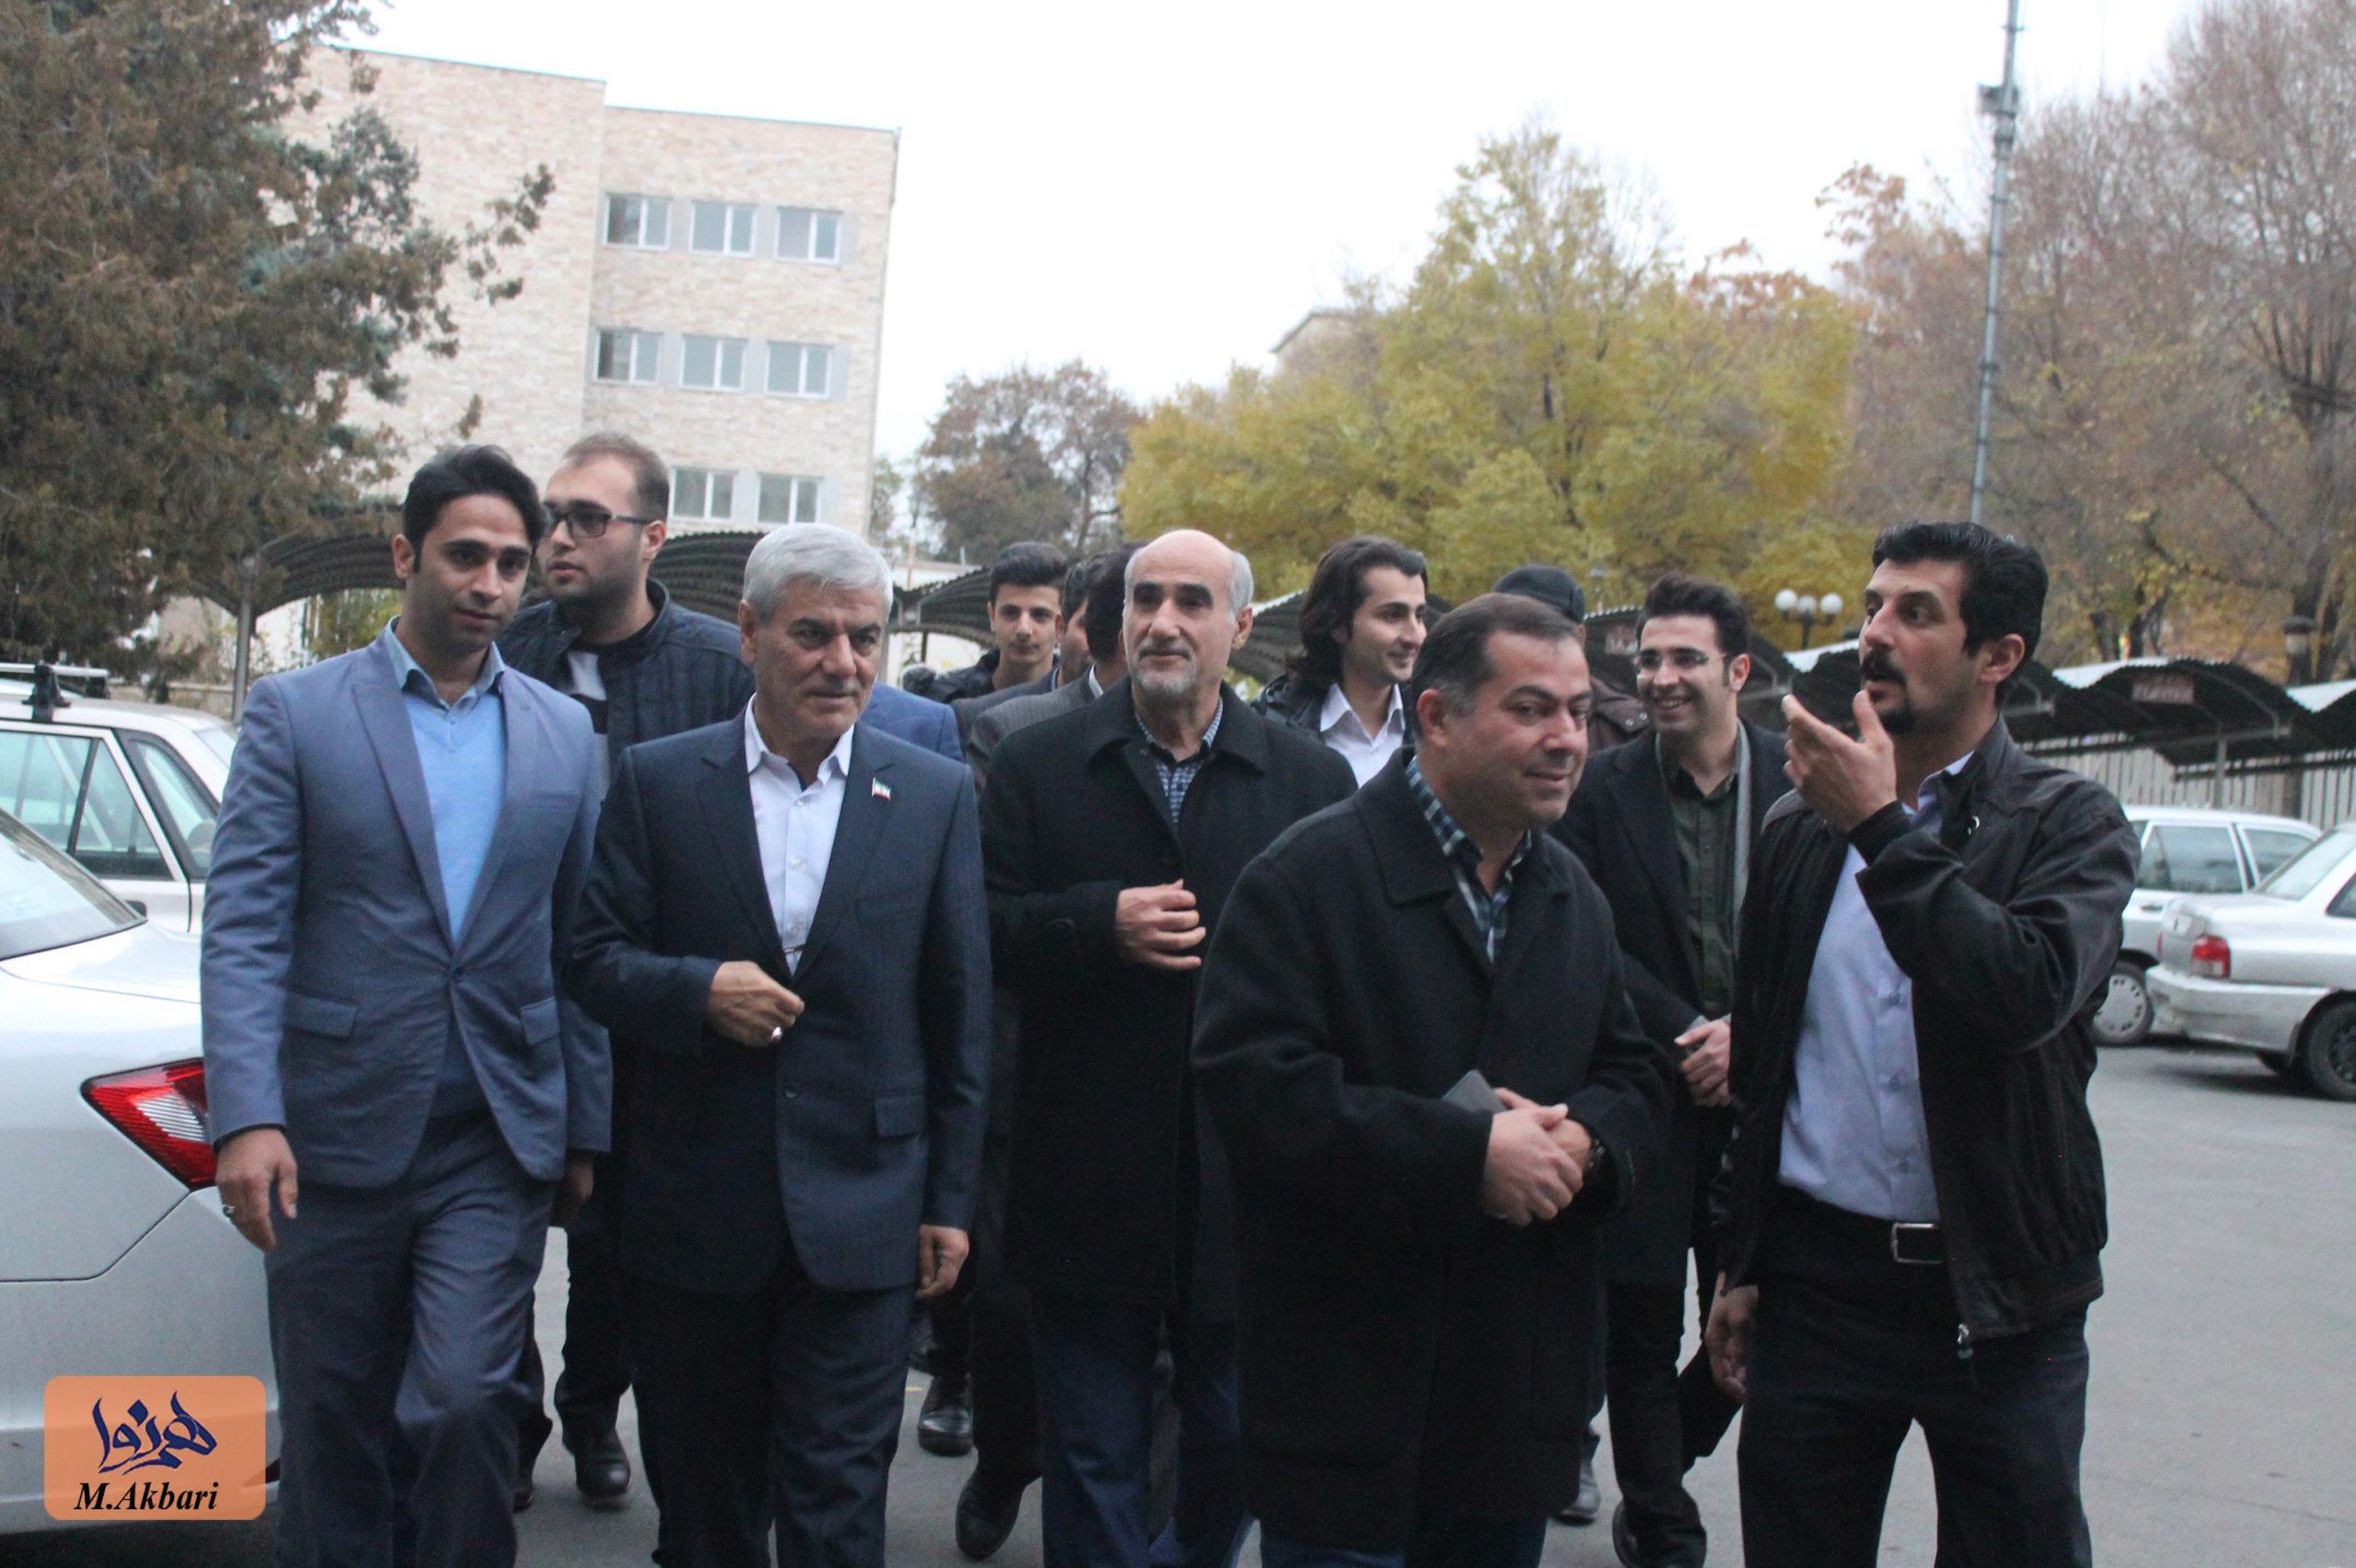 شهرتی فر کل کل حزبی و جناحی را کلید زد/ مستقل ولی متمایل به اصلاحات هستم